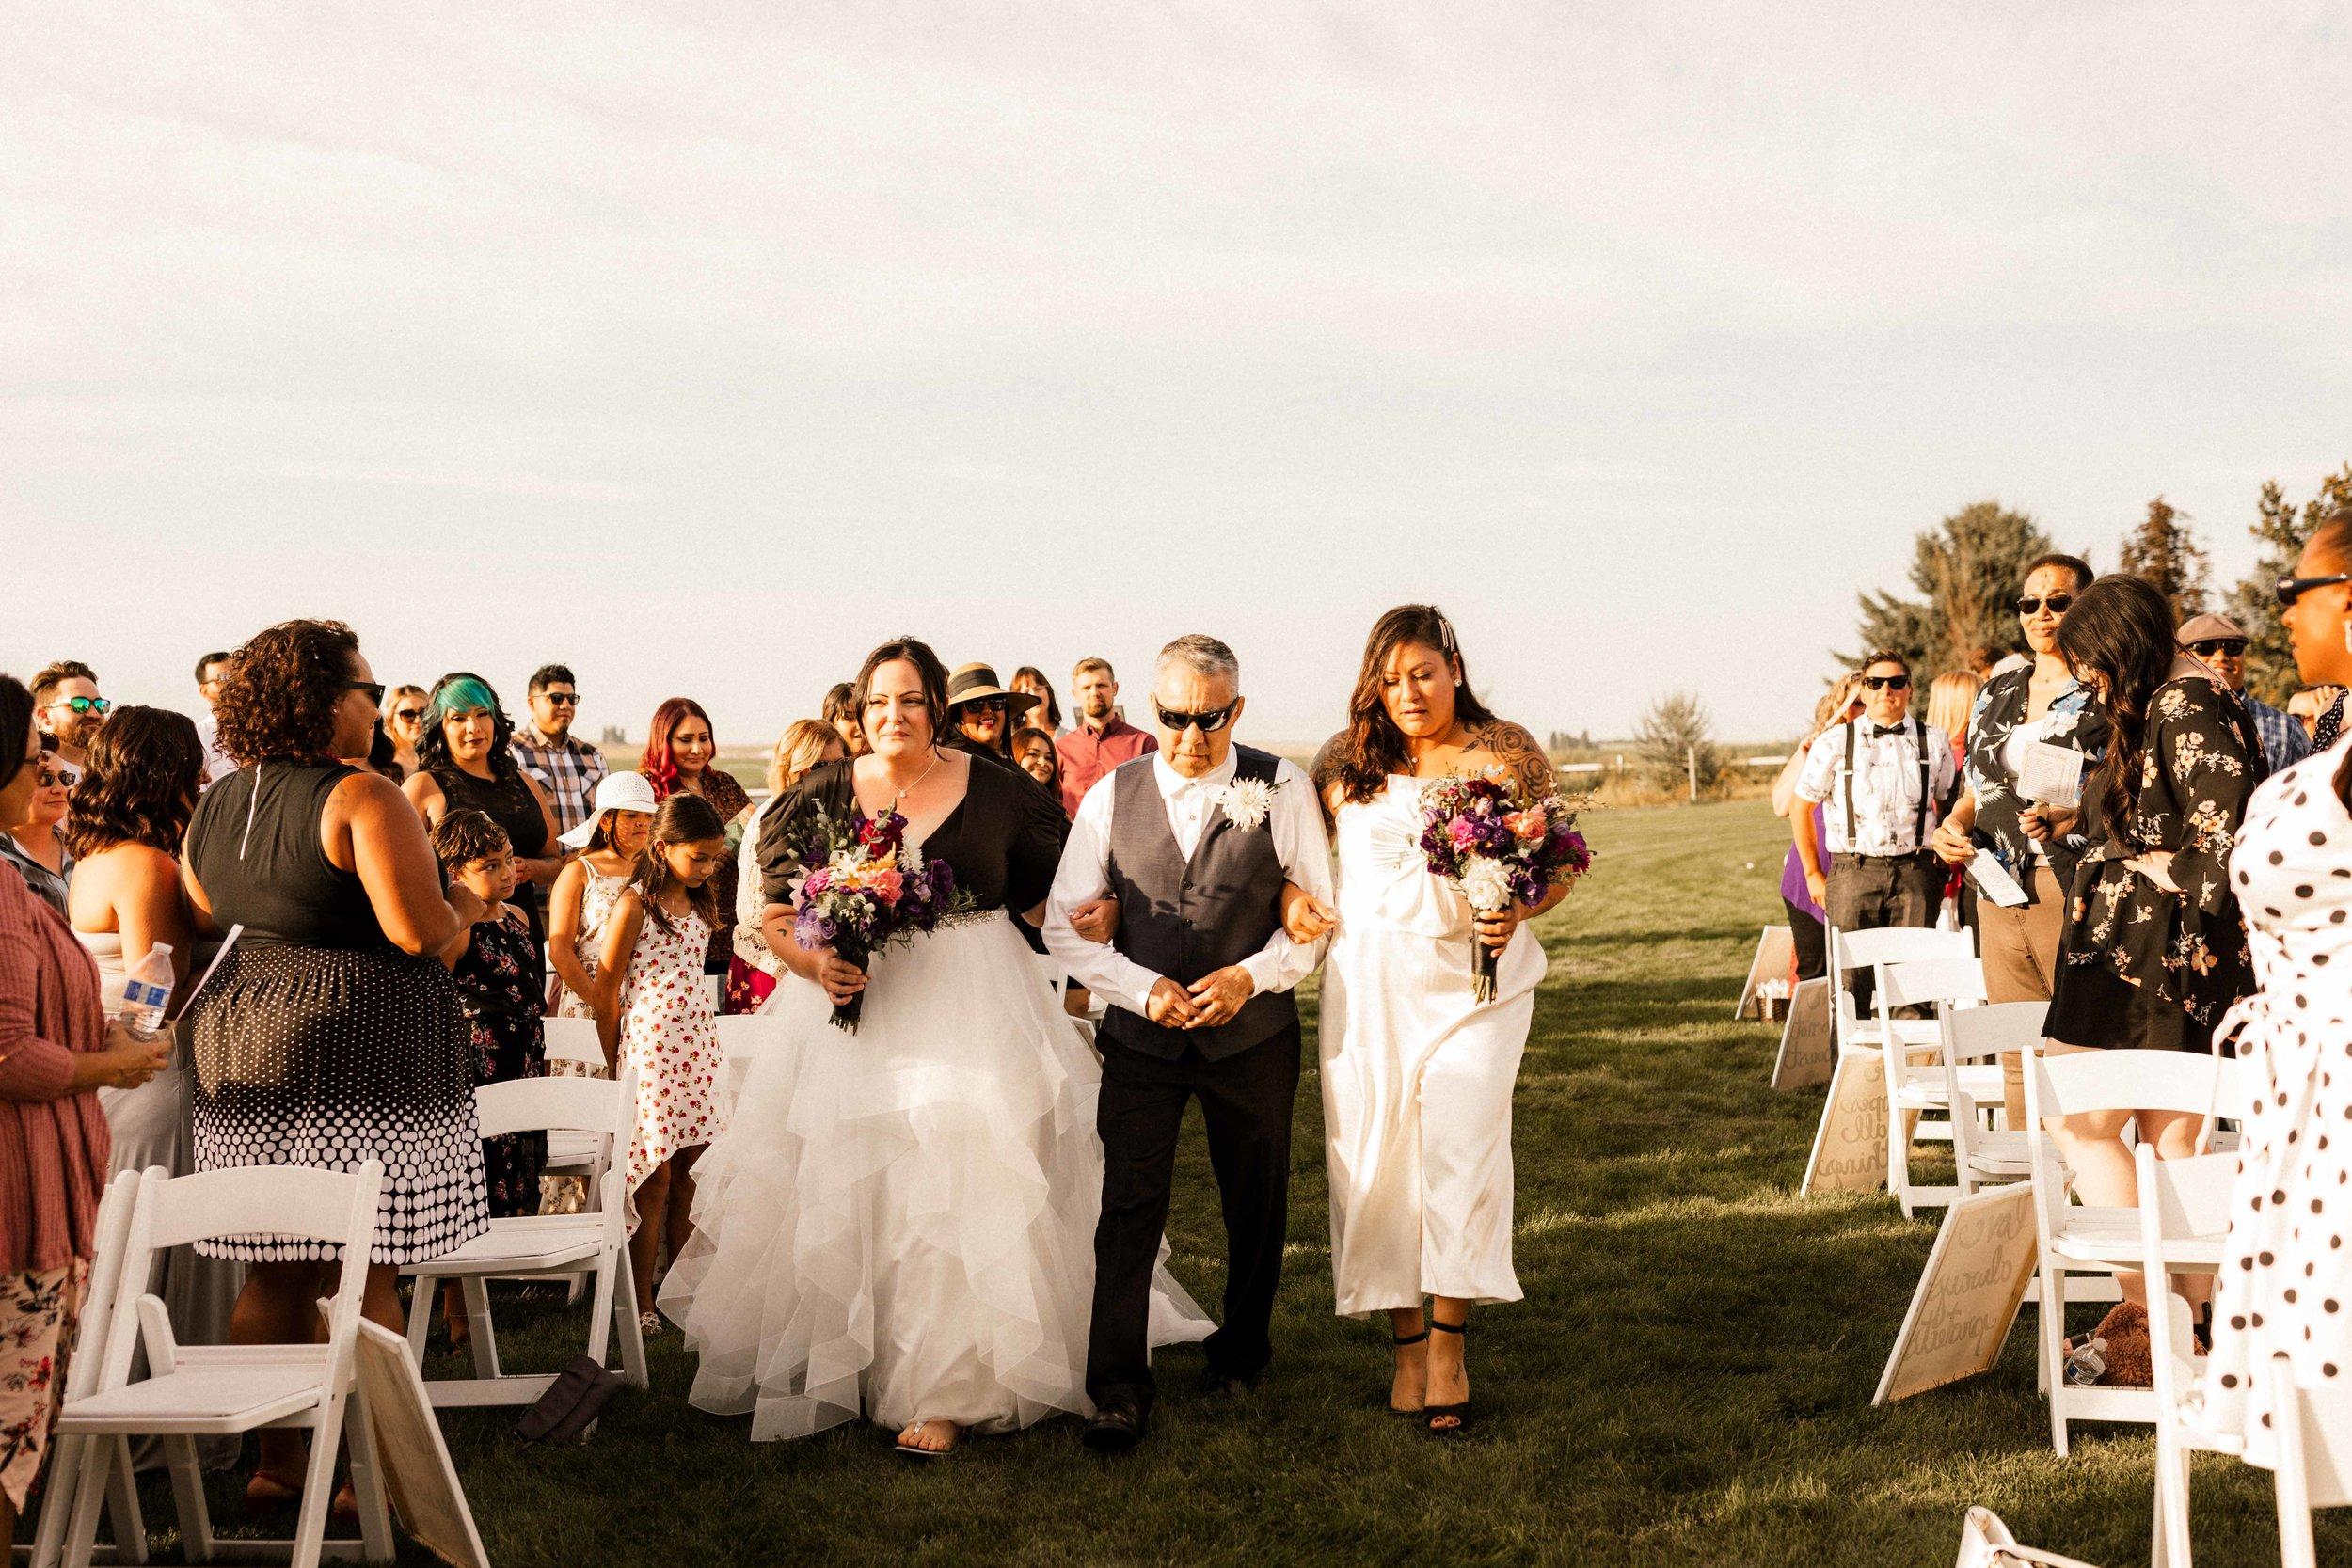 pasco-wedding-photos-13.jpg